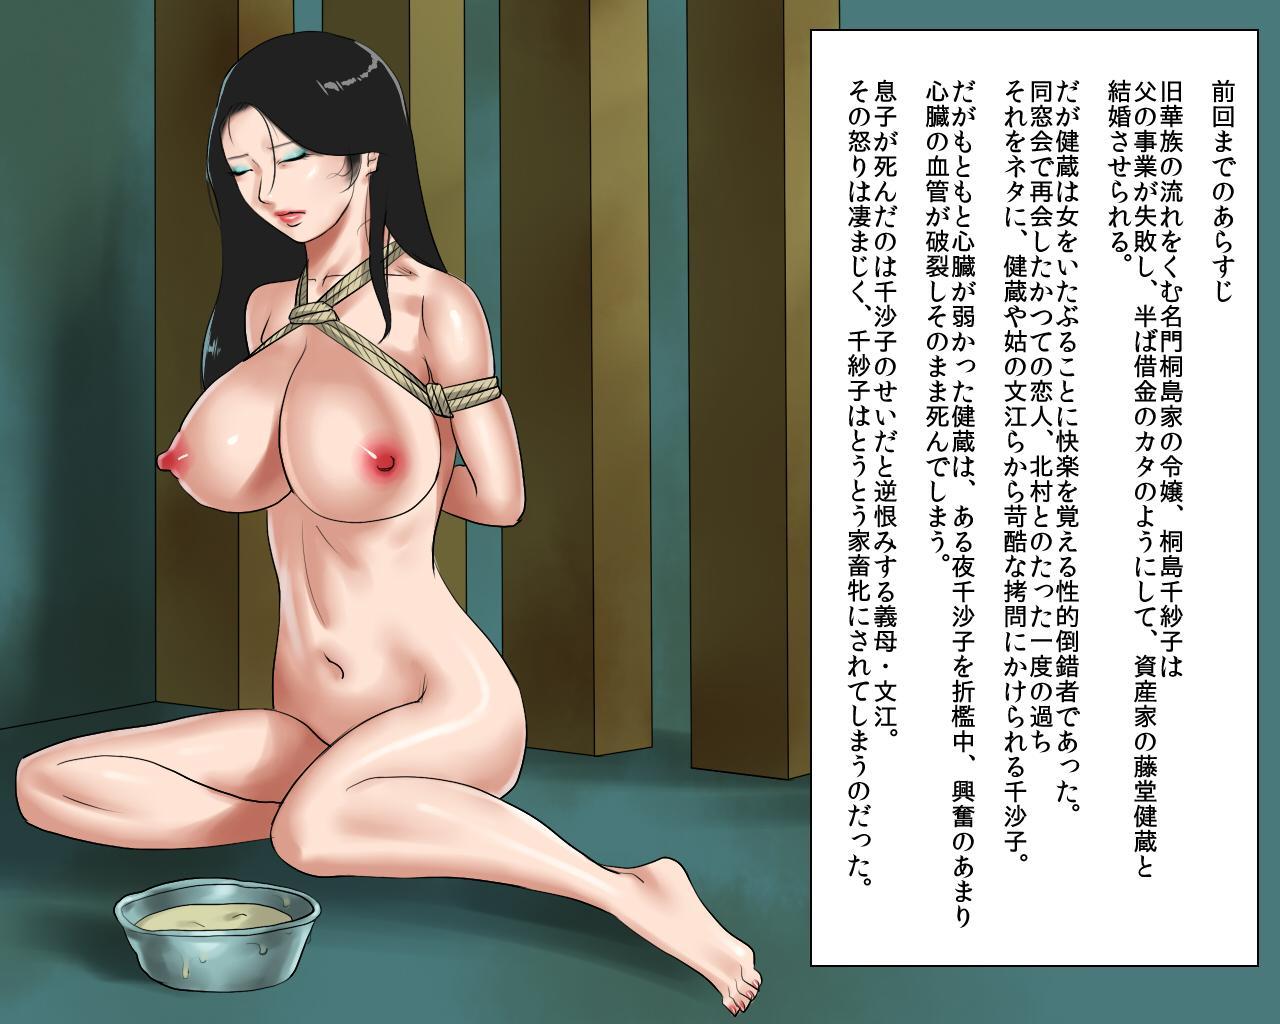 [Naya] Joshuu Fujin (Ge) Jikken Byoutou no Kachiku Mesu Fujin 1